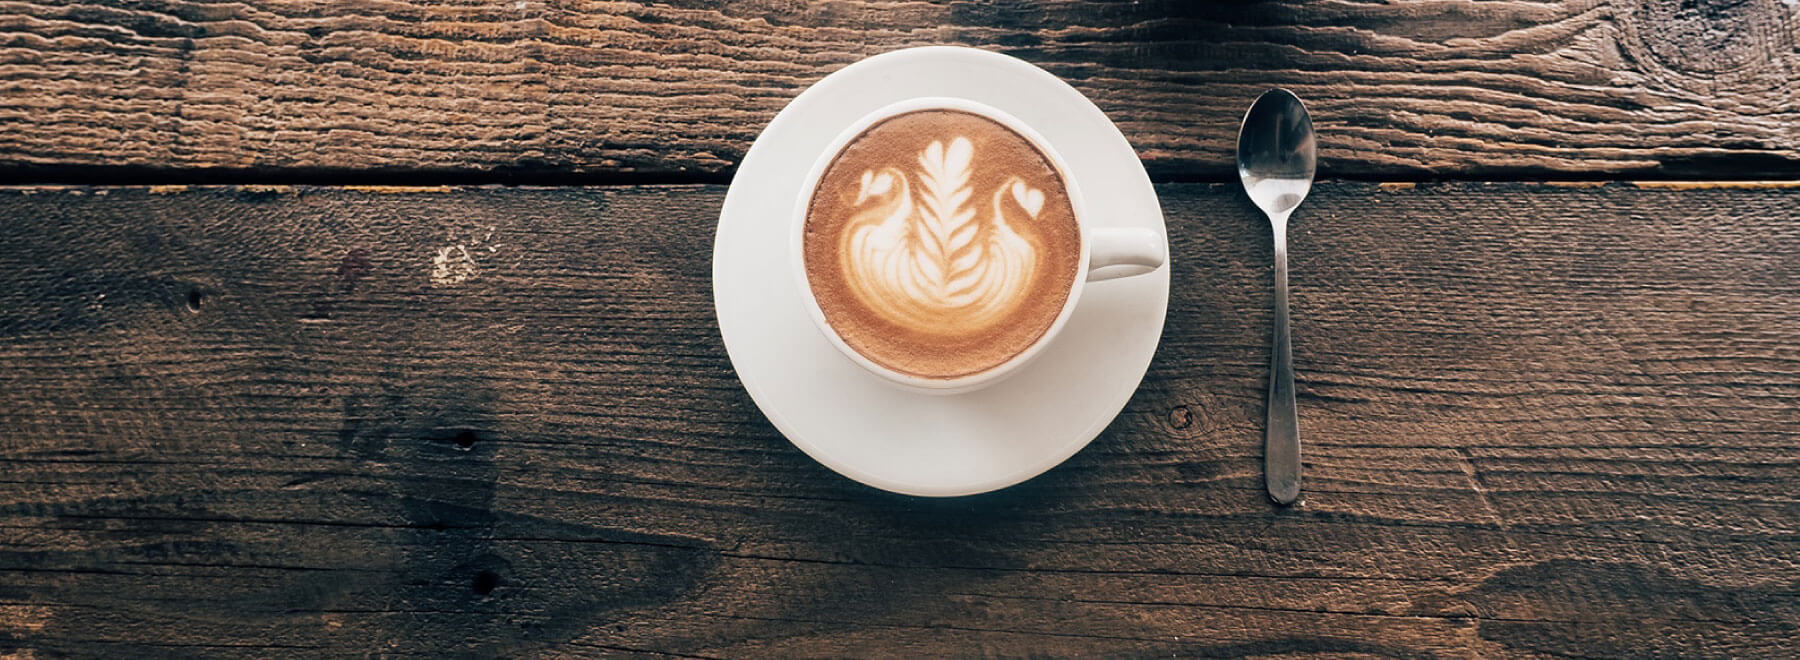 coffee-mug-on-rustic-table.jpg